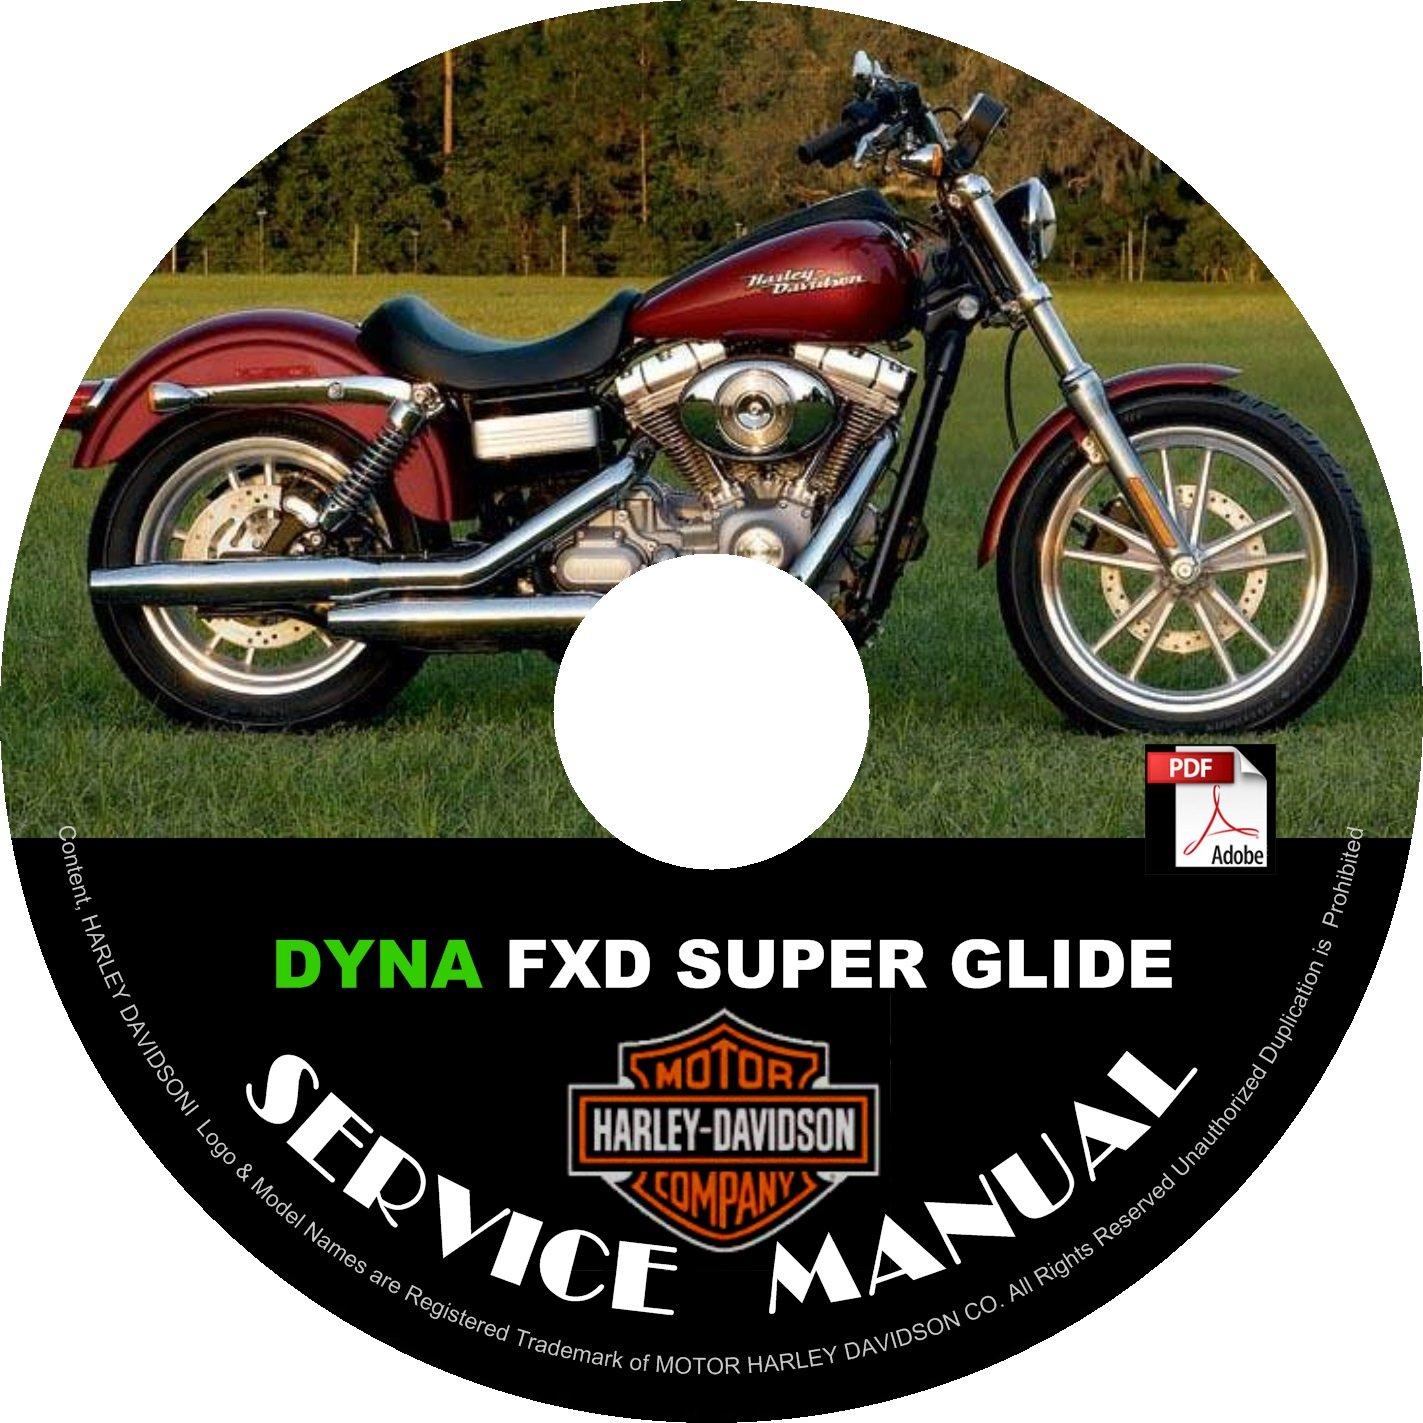 1999 Harley Davidson Dyna FXD Super Glide Service Repair Shop Manual on CD Fix Rebuild 99 Workshop